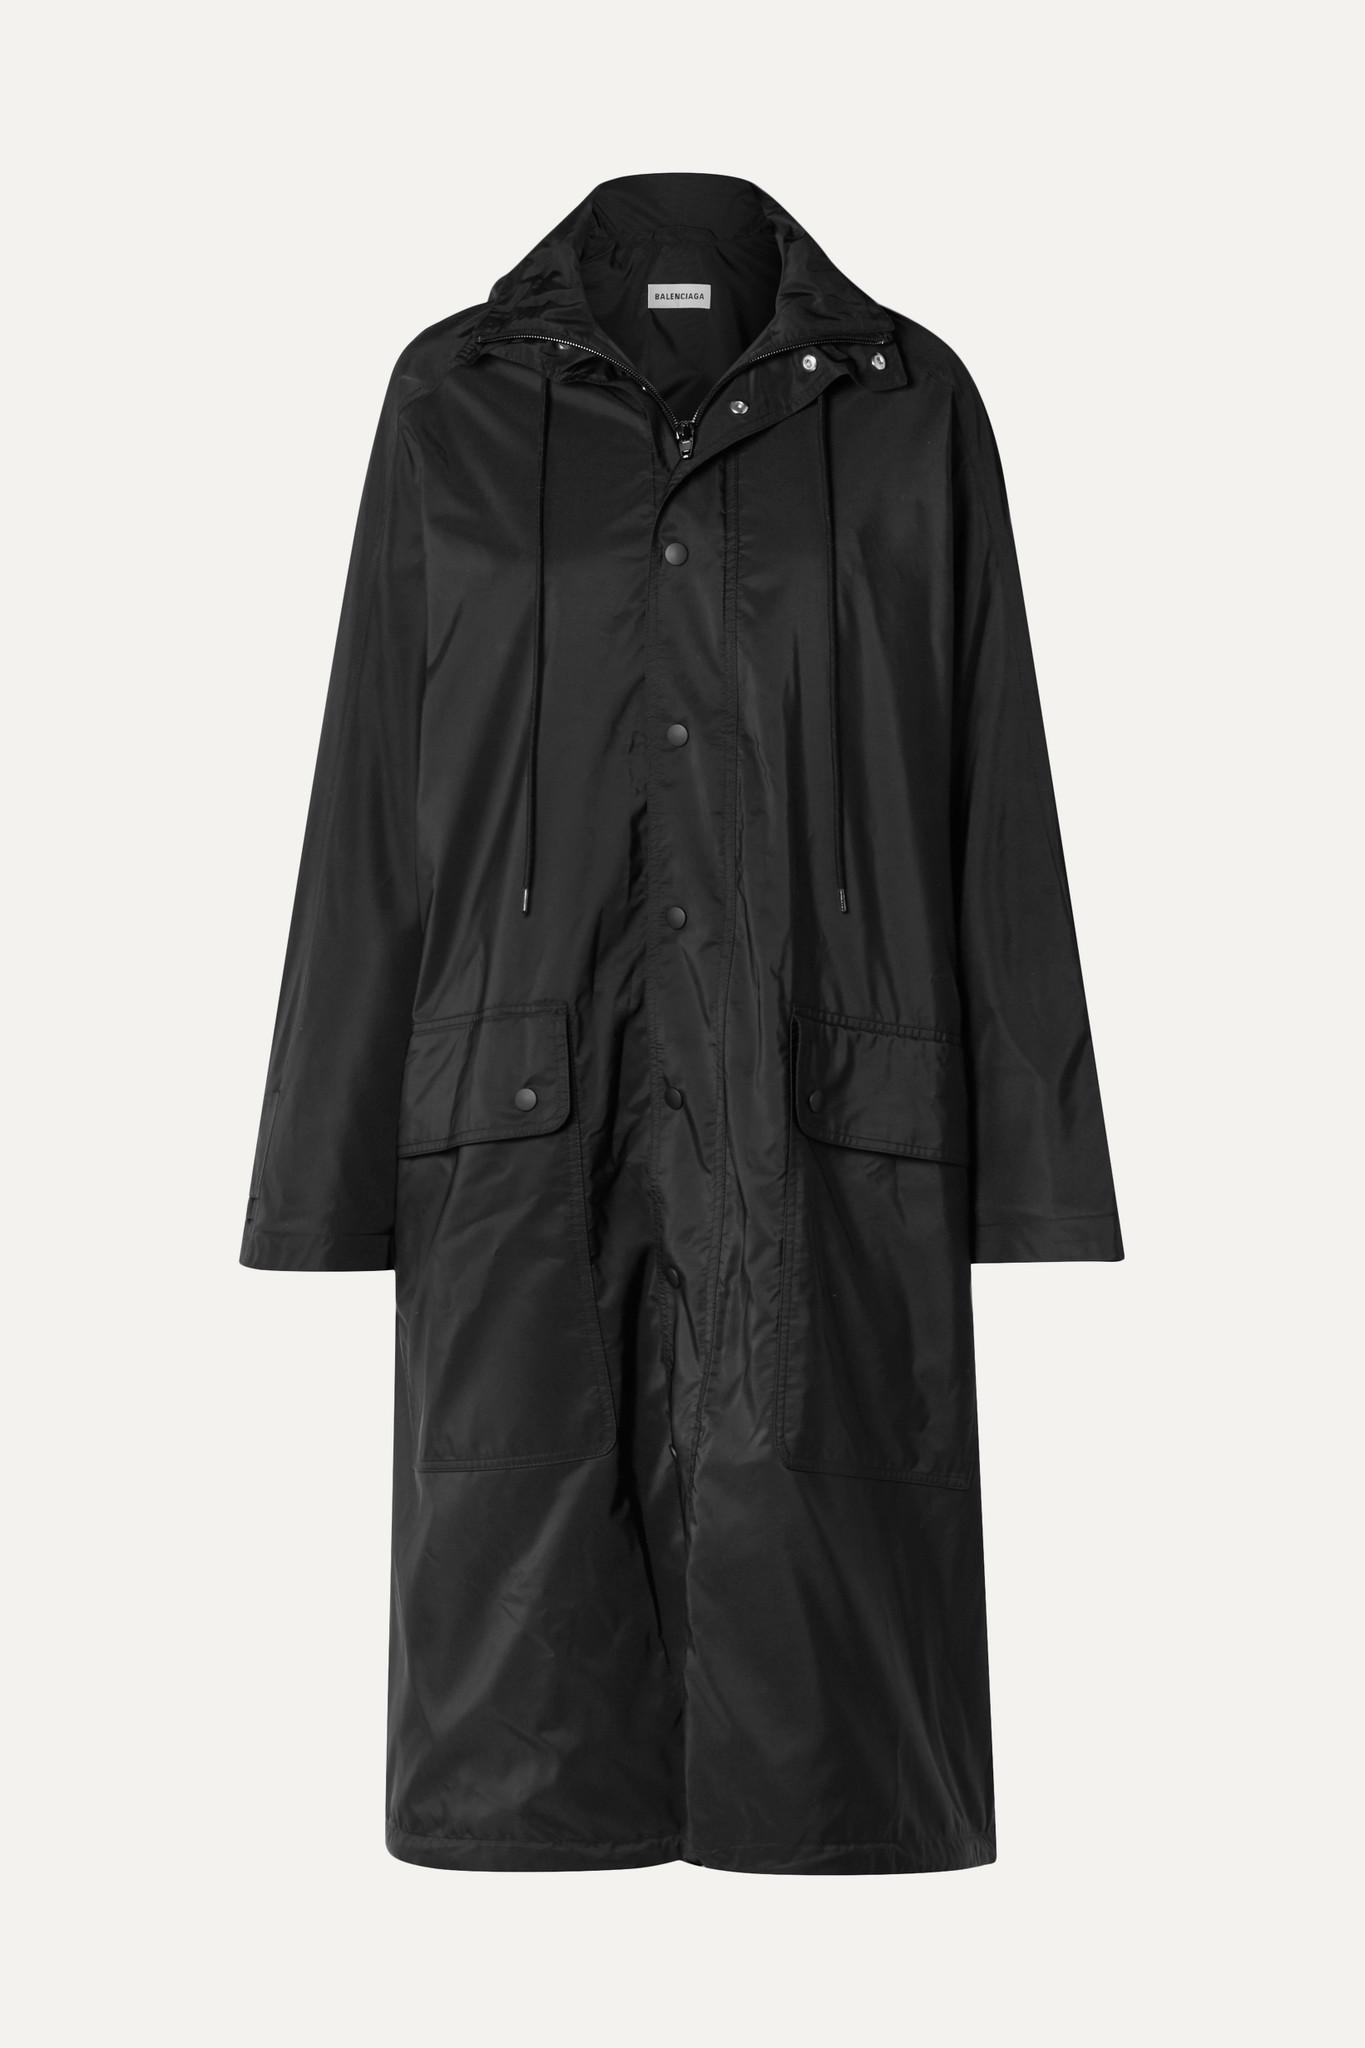 BALENCIAGA - Opera 大廓形印花反光软壳面料雨衣 - 黑色 - FR34